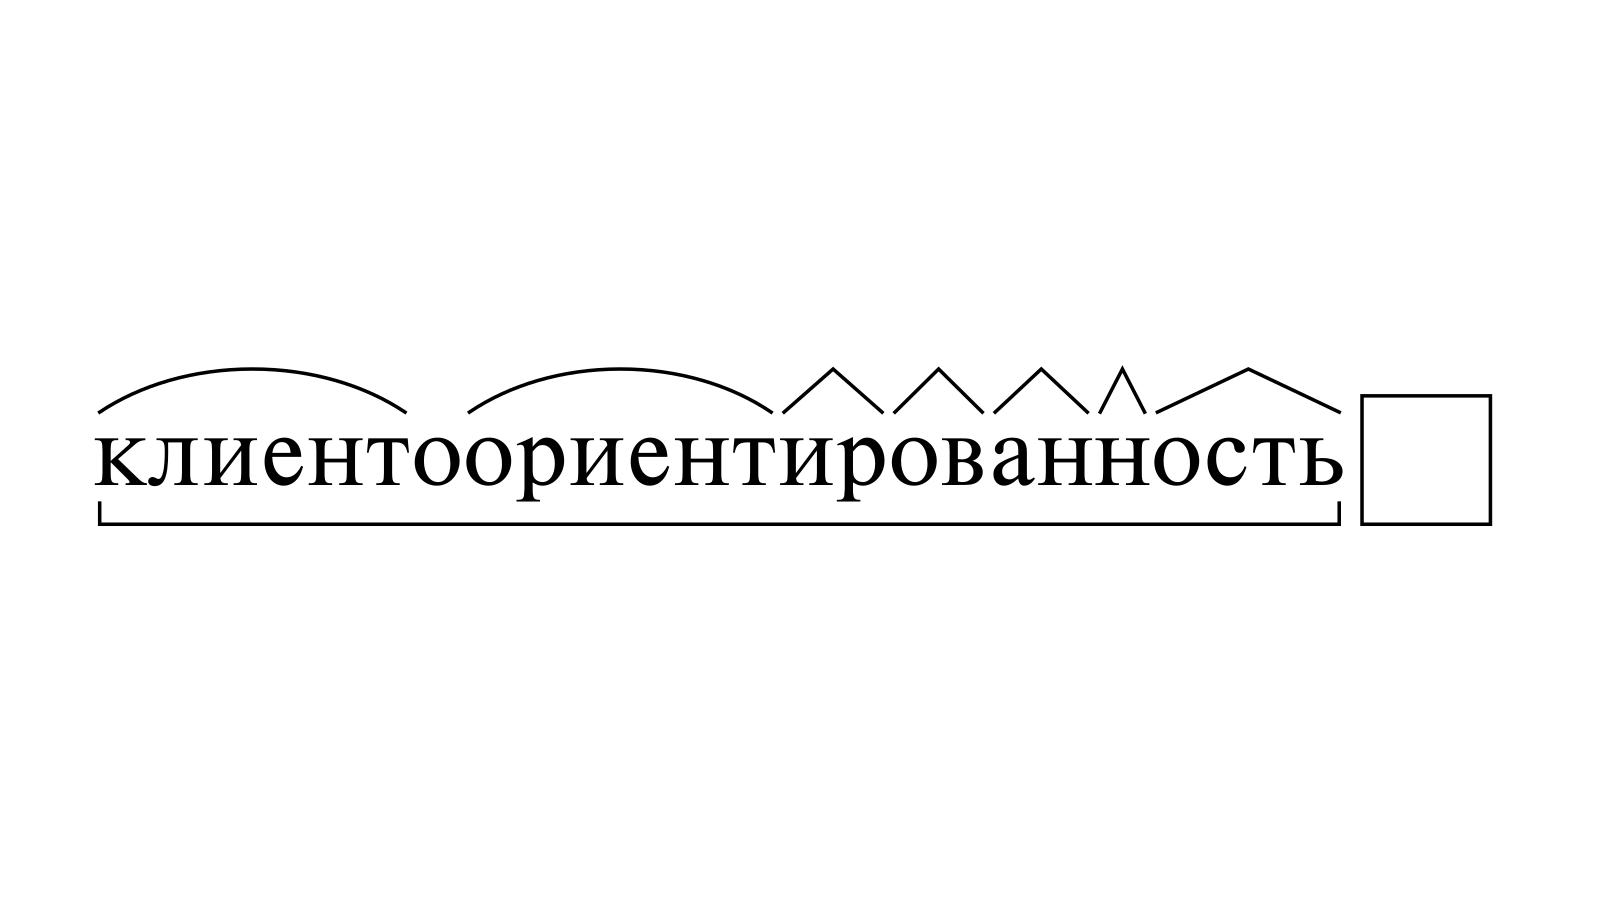 Разбор слова «клиентоориентированность» по составу